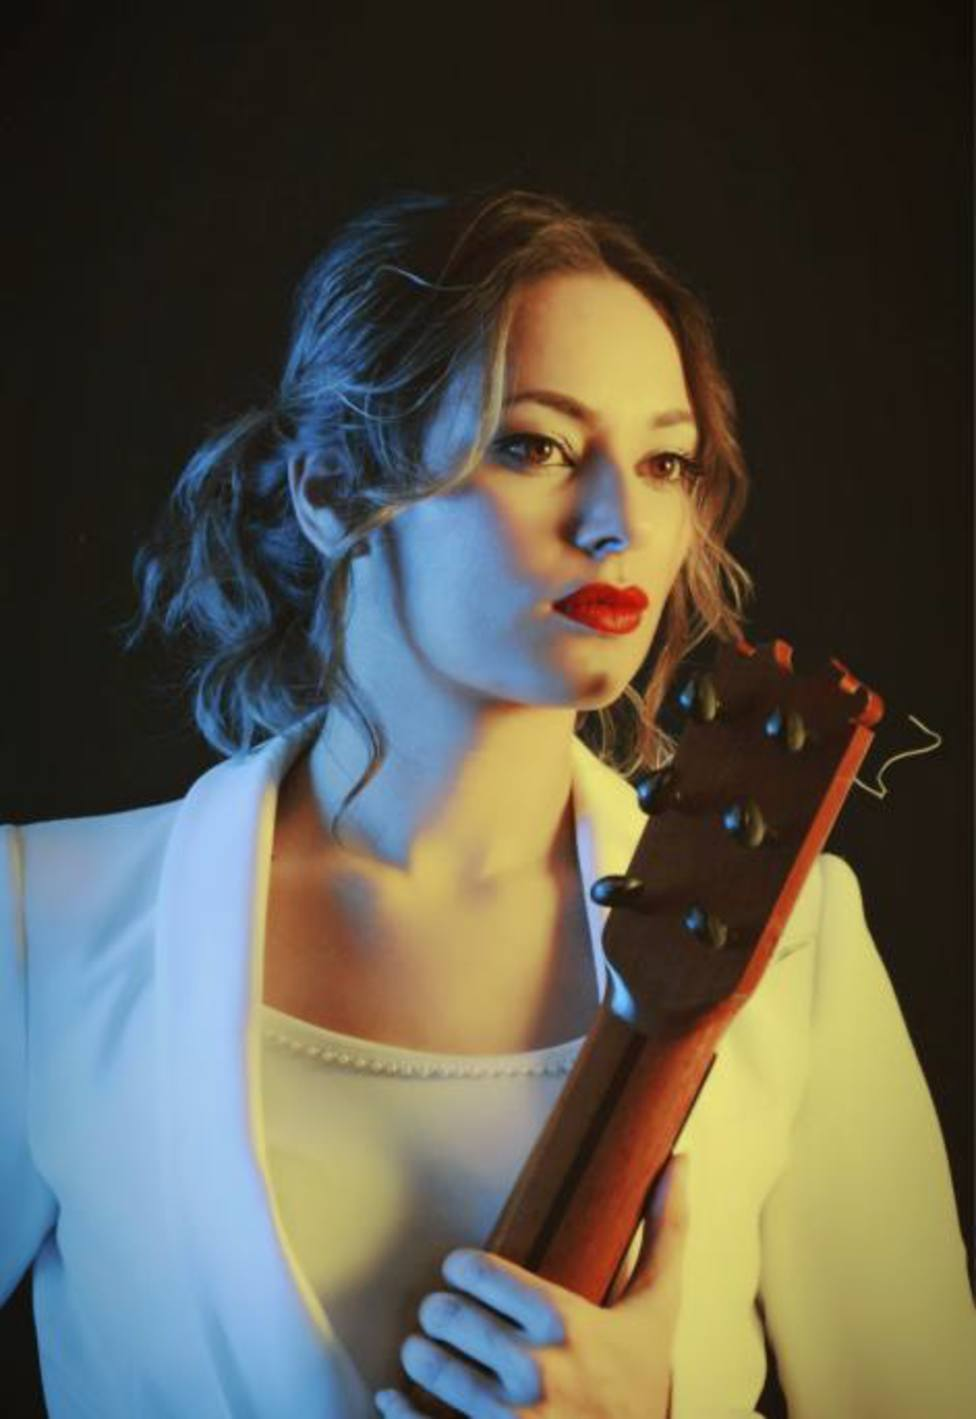 Mercedes Luján abrirá en Sevilla gira nacional para presentar su primer disco